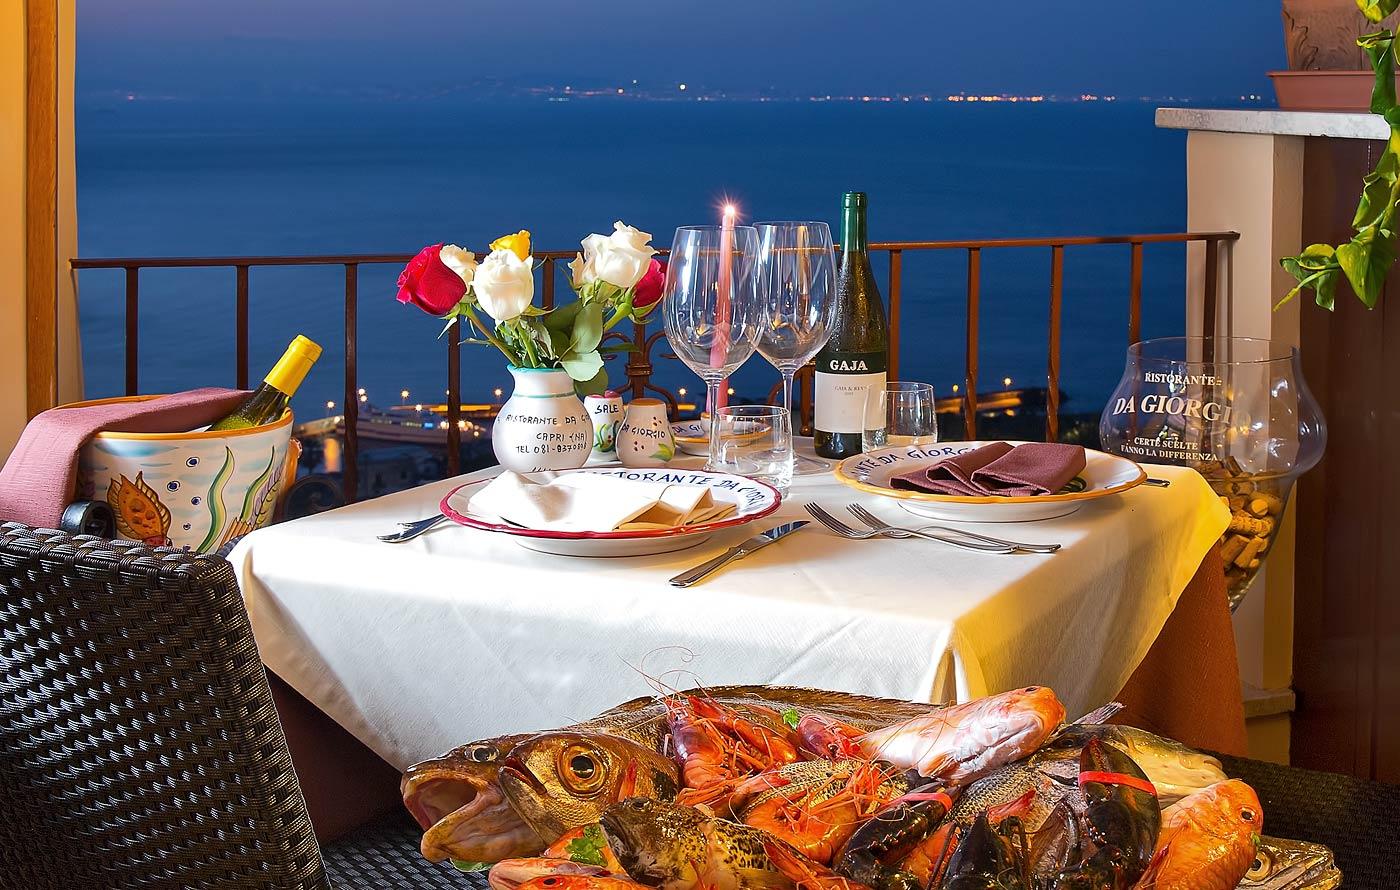 Ristorante da Giorgio  Capri specialit di pesce in Piazzetta